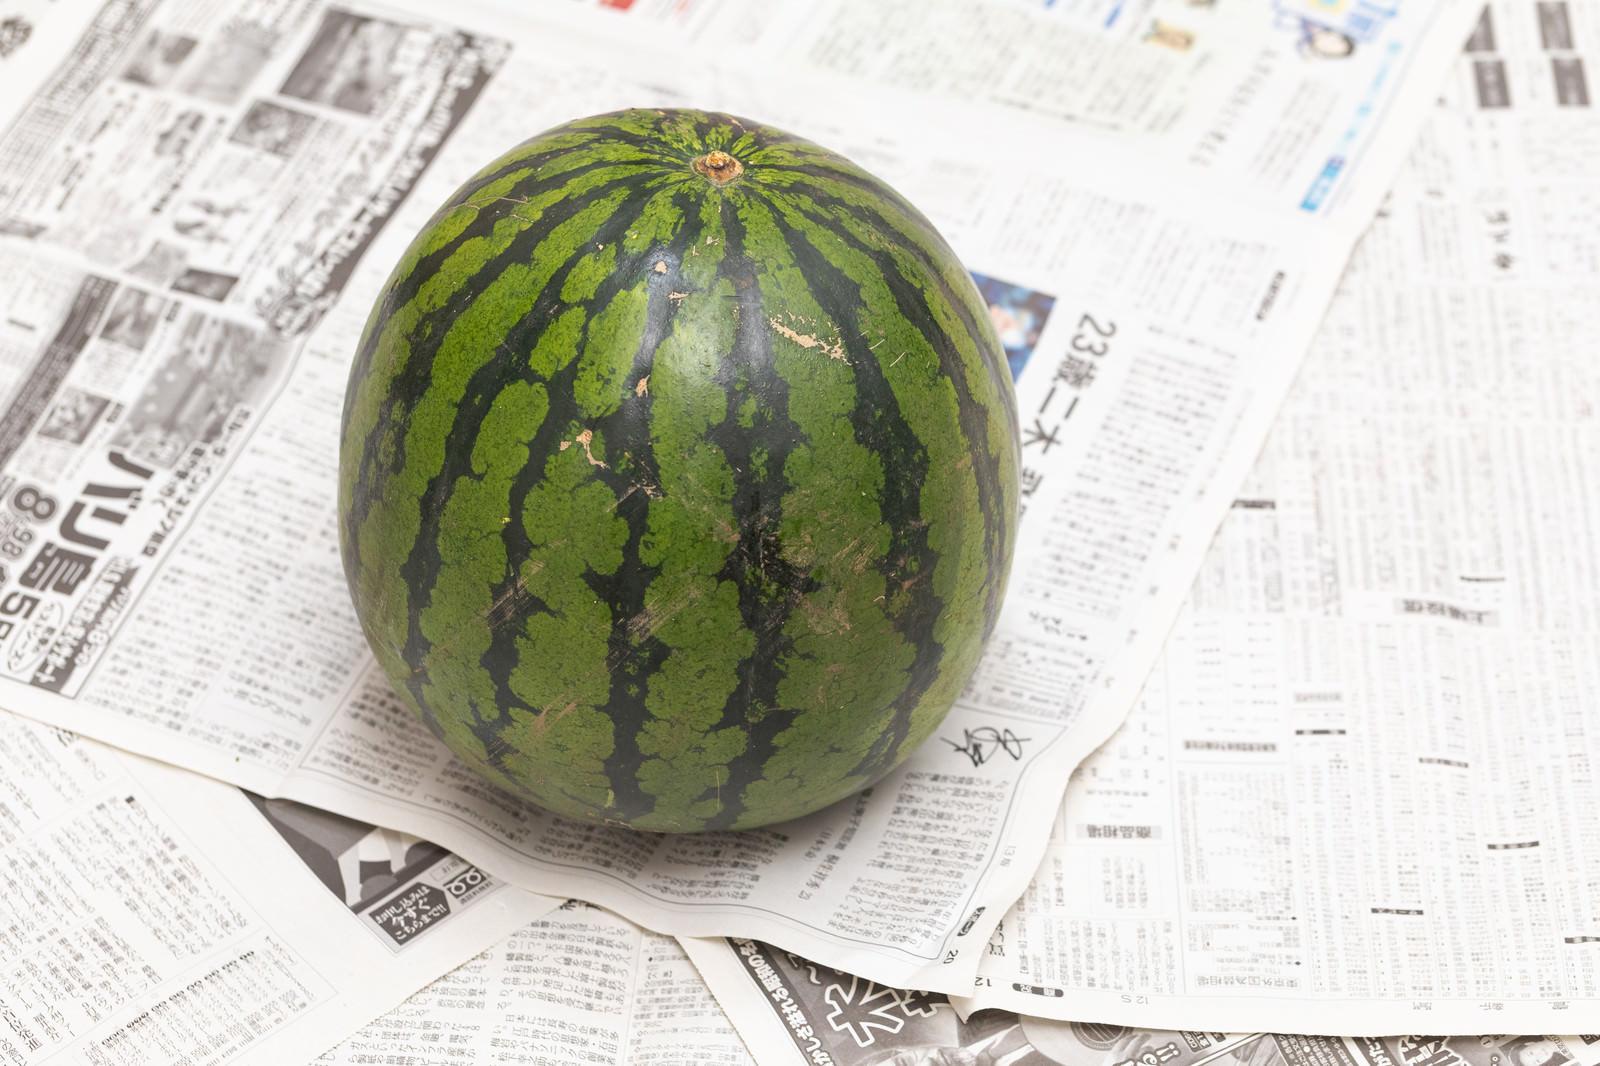 「西瓜一玉」の写真